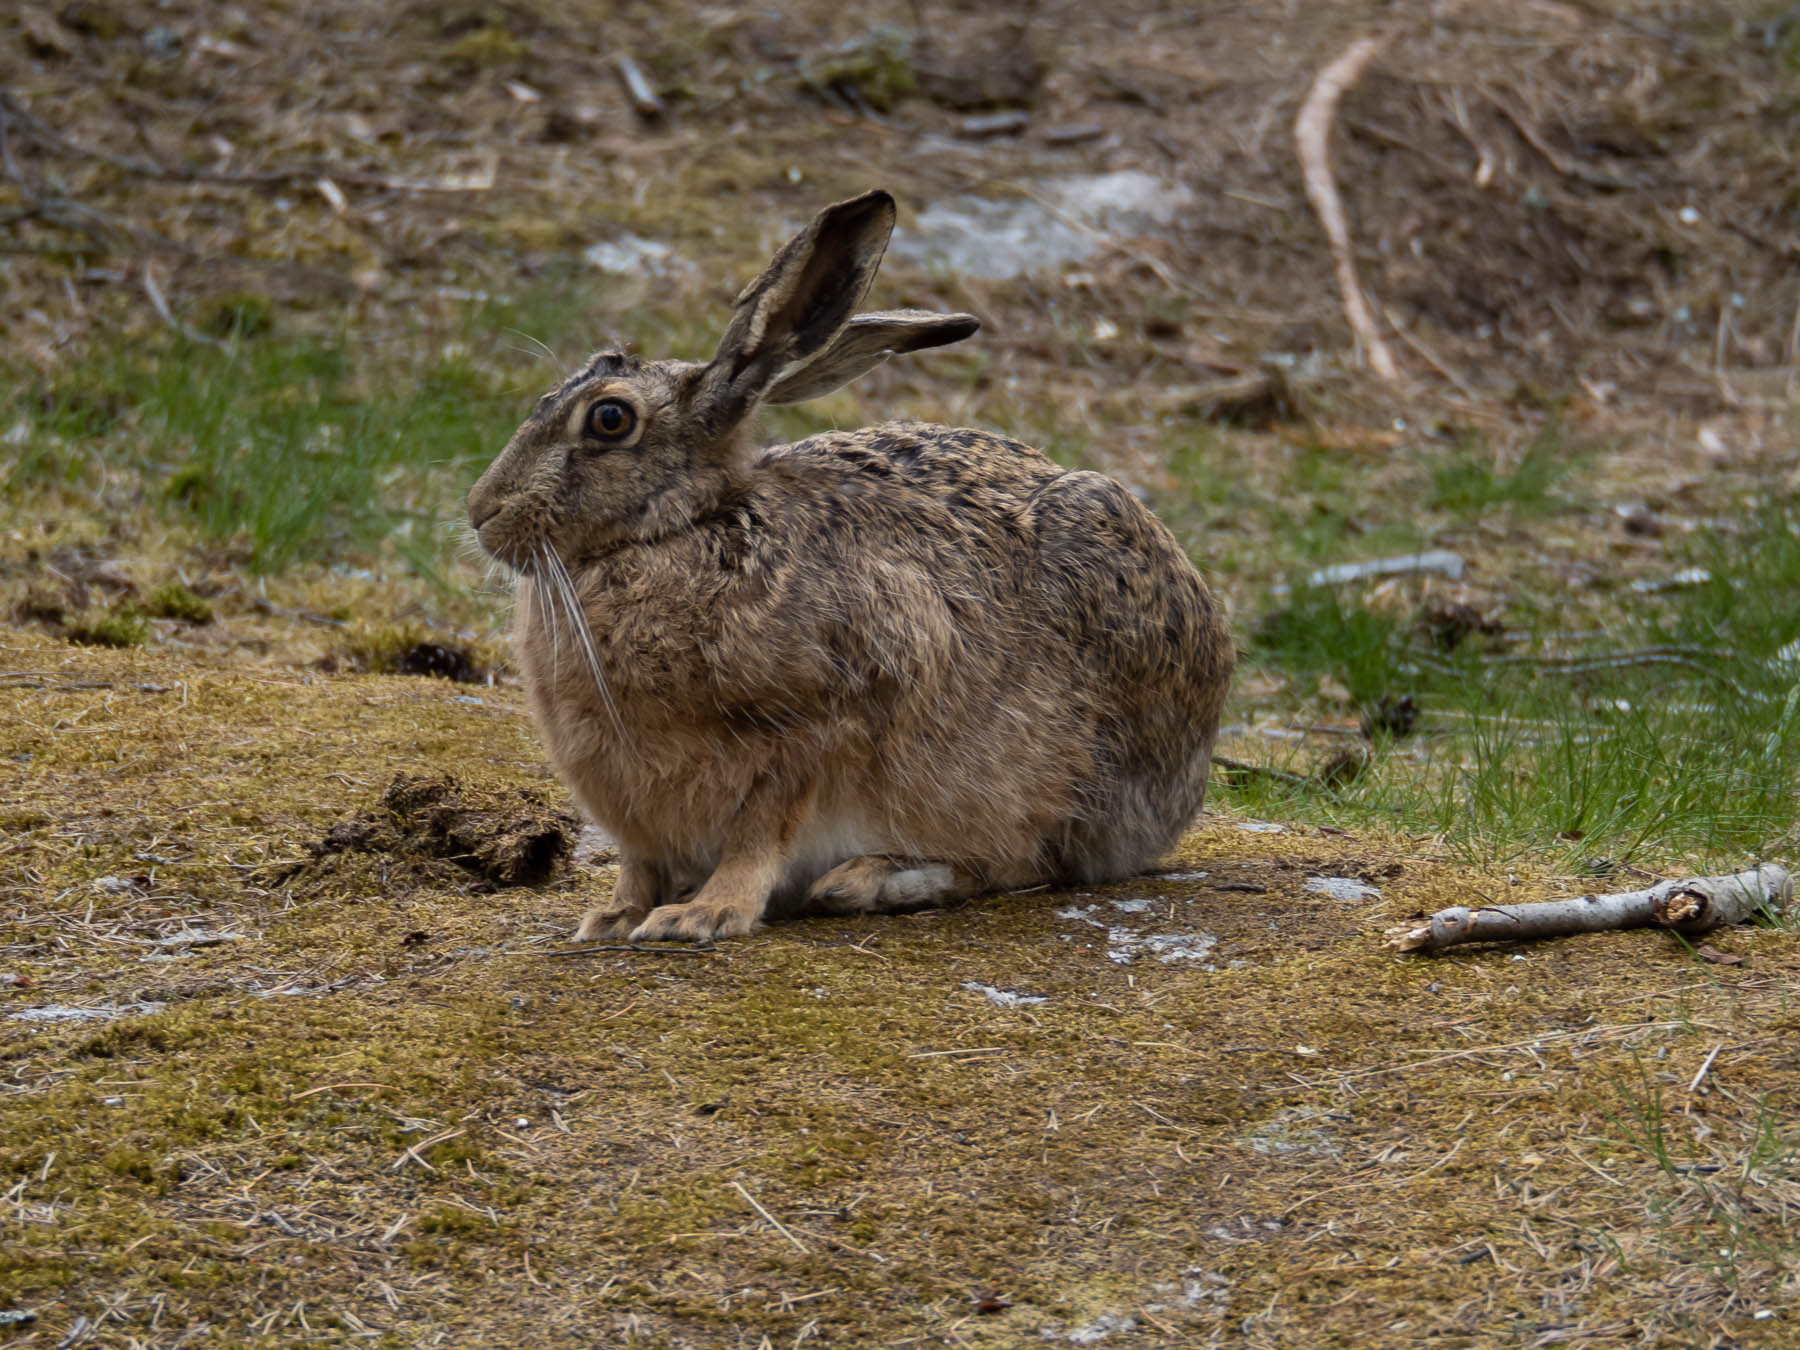 Заяц-русак (Lepus europaeus). Автор фото: Сутормина Марина